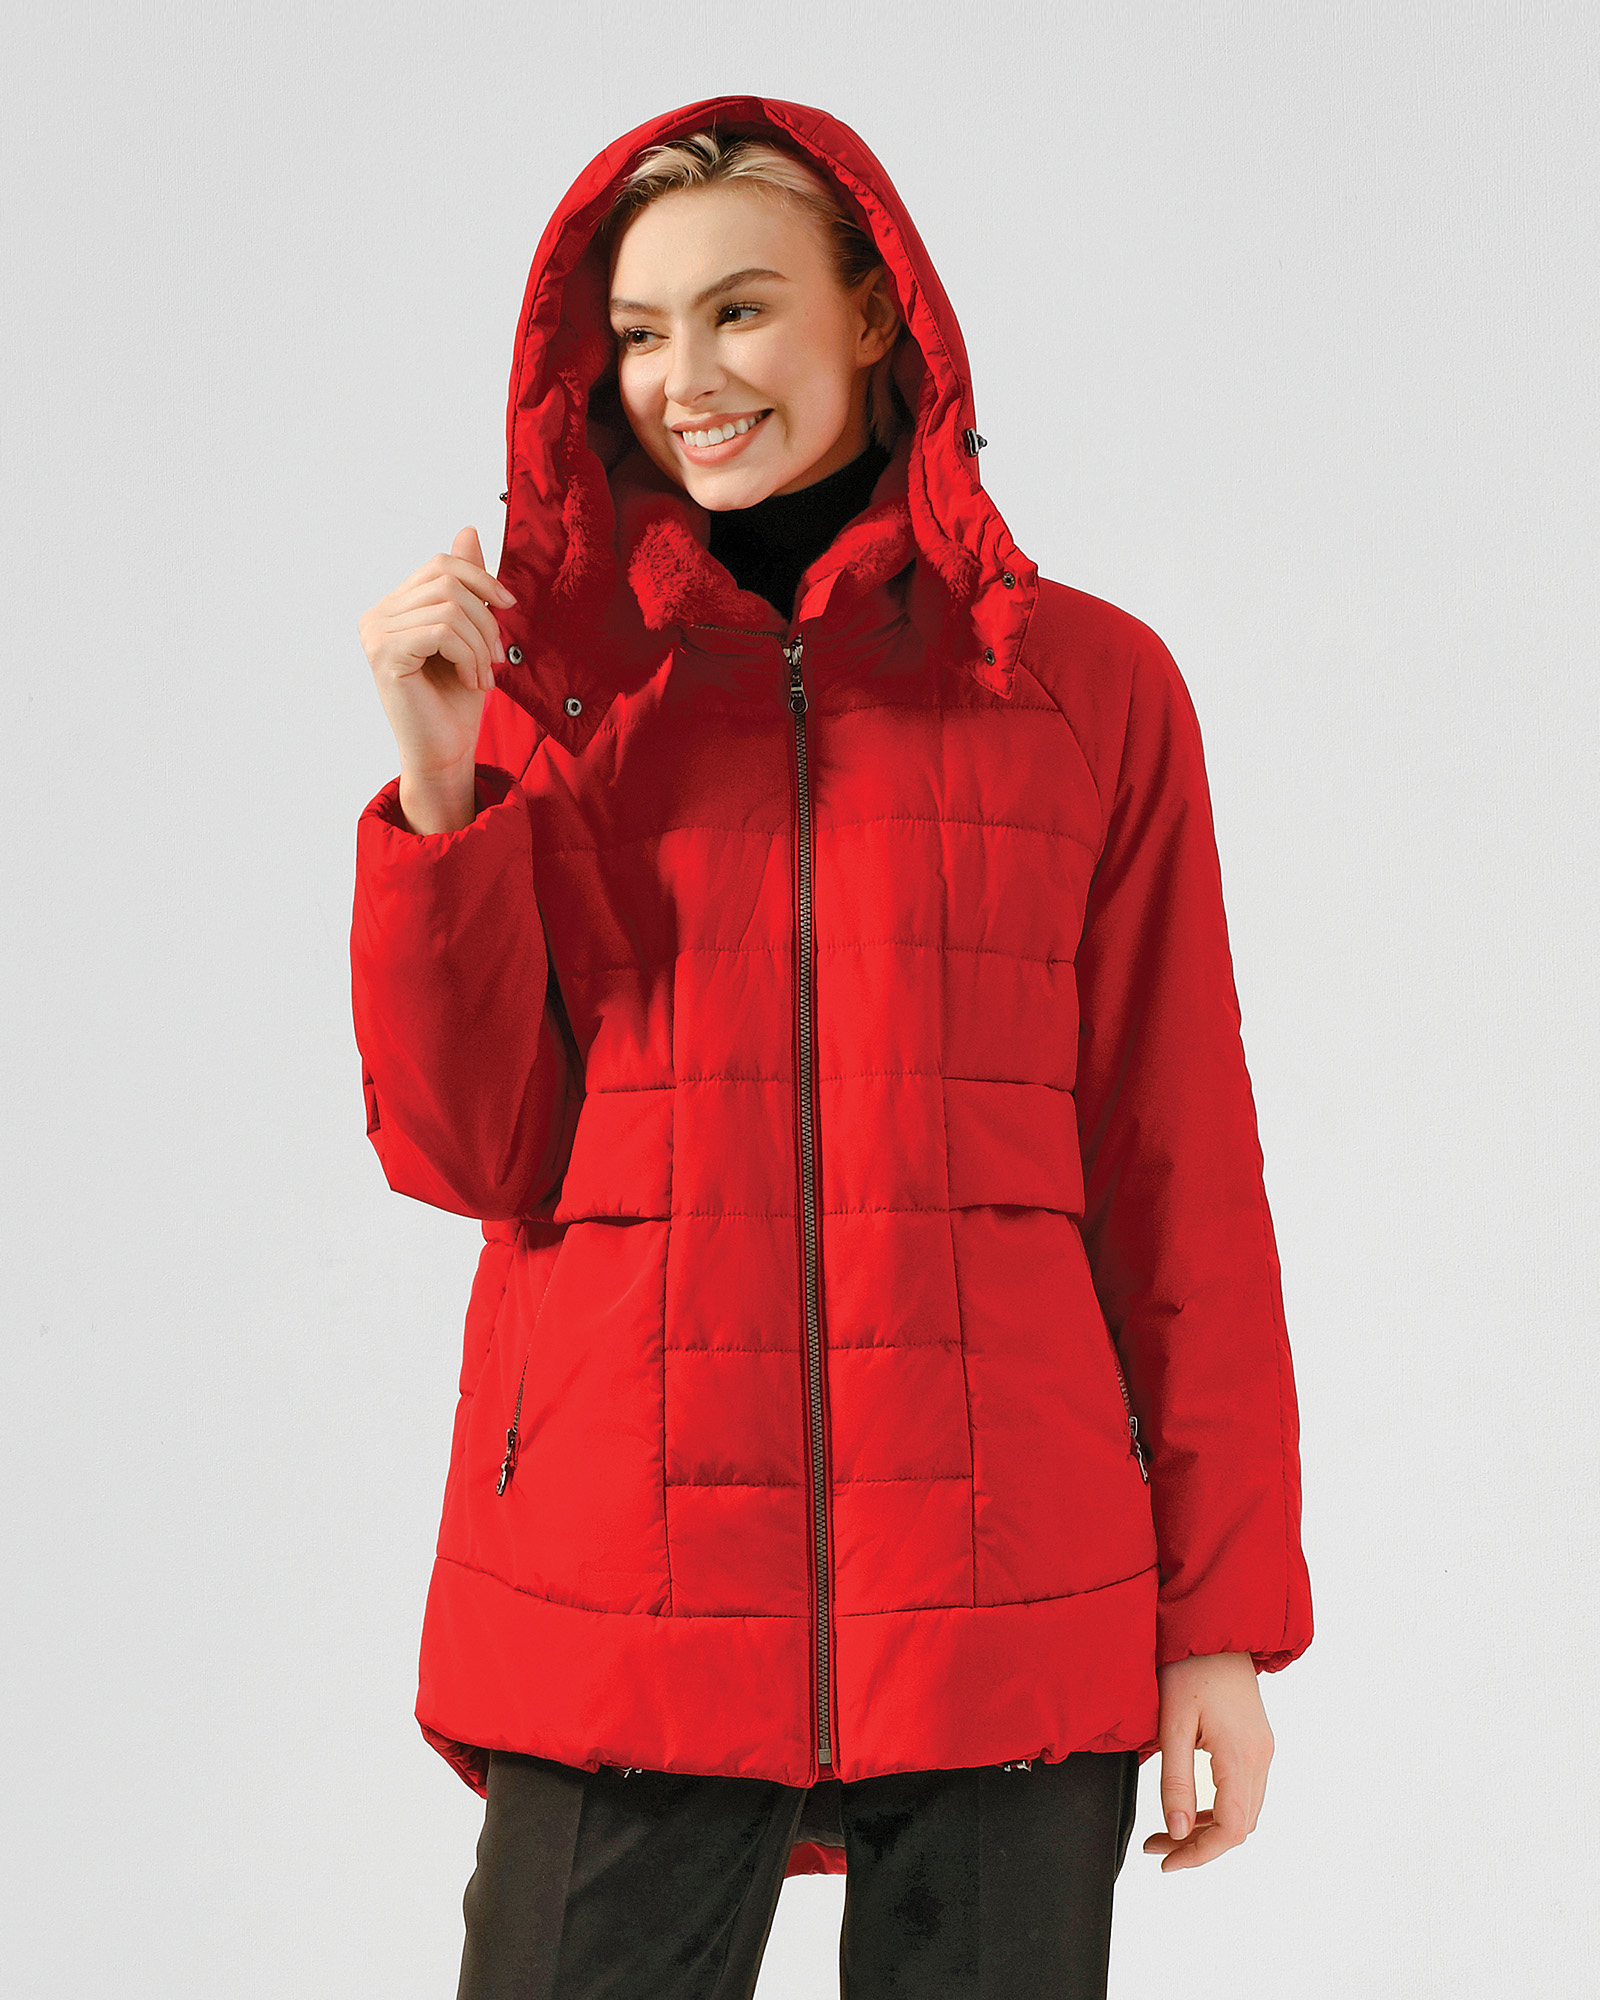 Куртка Dixi Coat Модель 3415-121 Осень-Зима 2020/2021